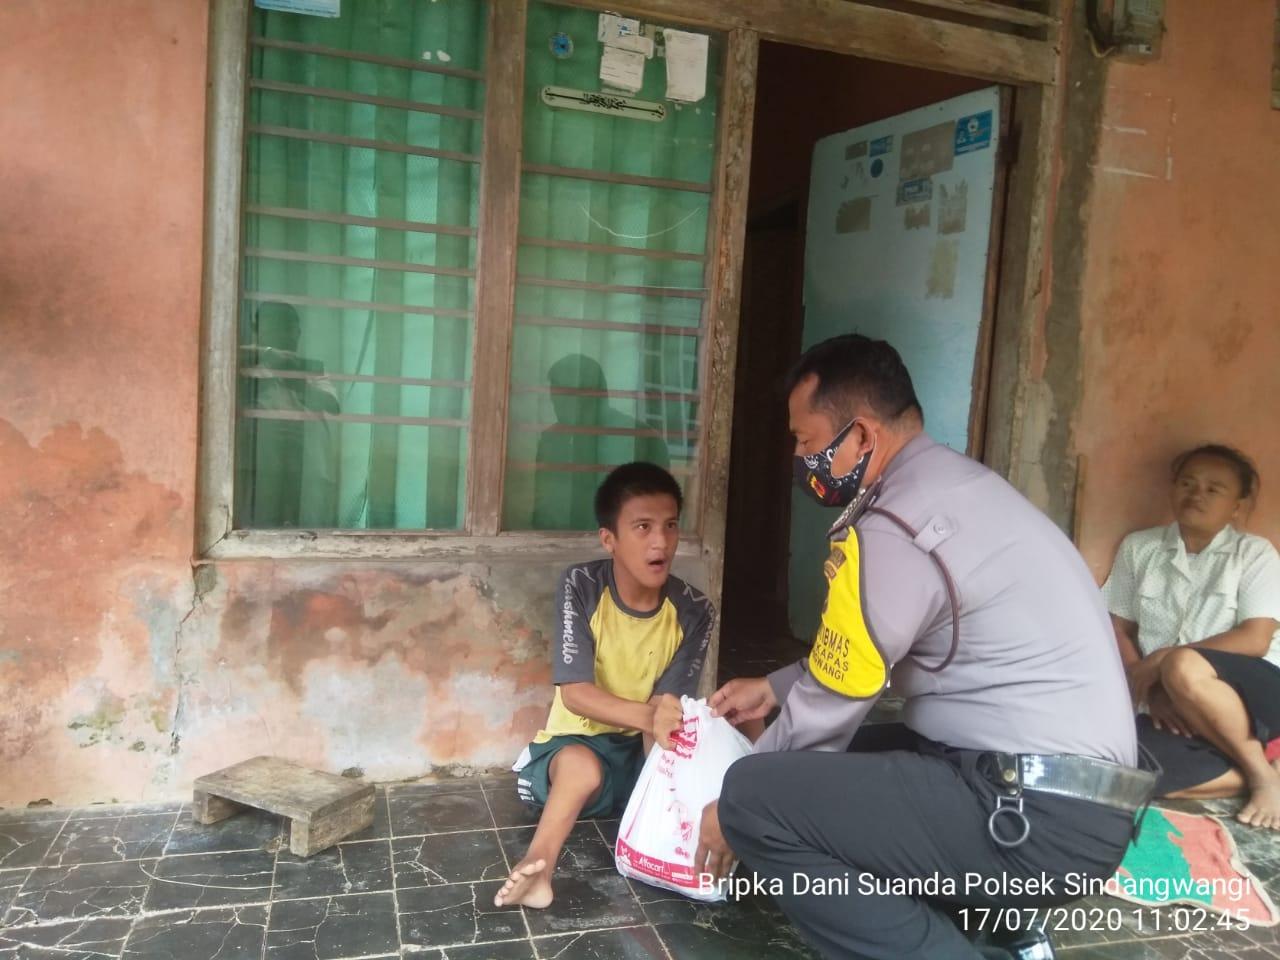 Peduli Bhabinkamtibmas Polsek Sindangwangi Berikan Sembako ke Warga Mengalami Sakit Cacat Fisik Kaki